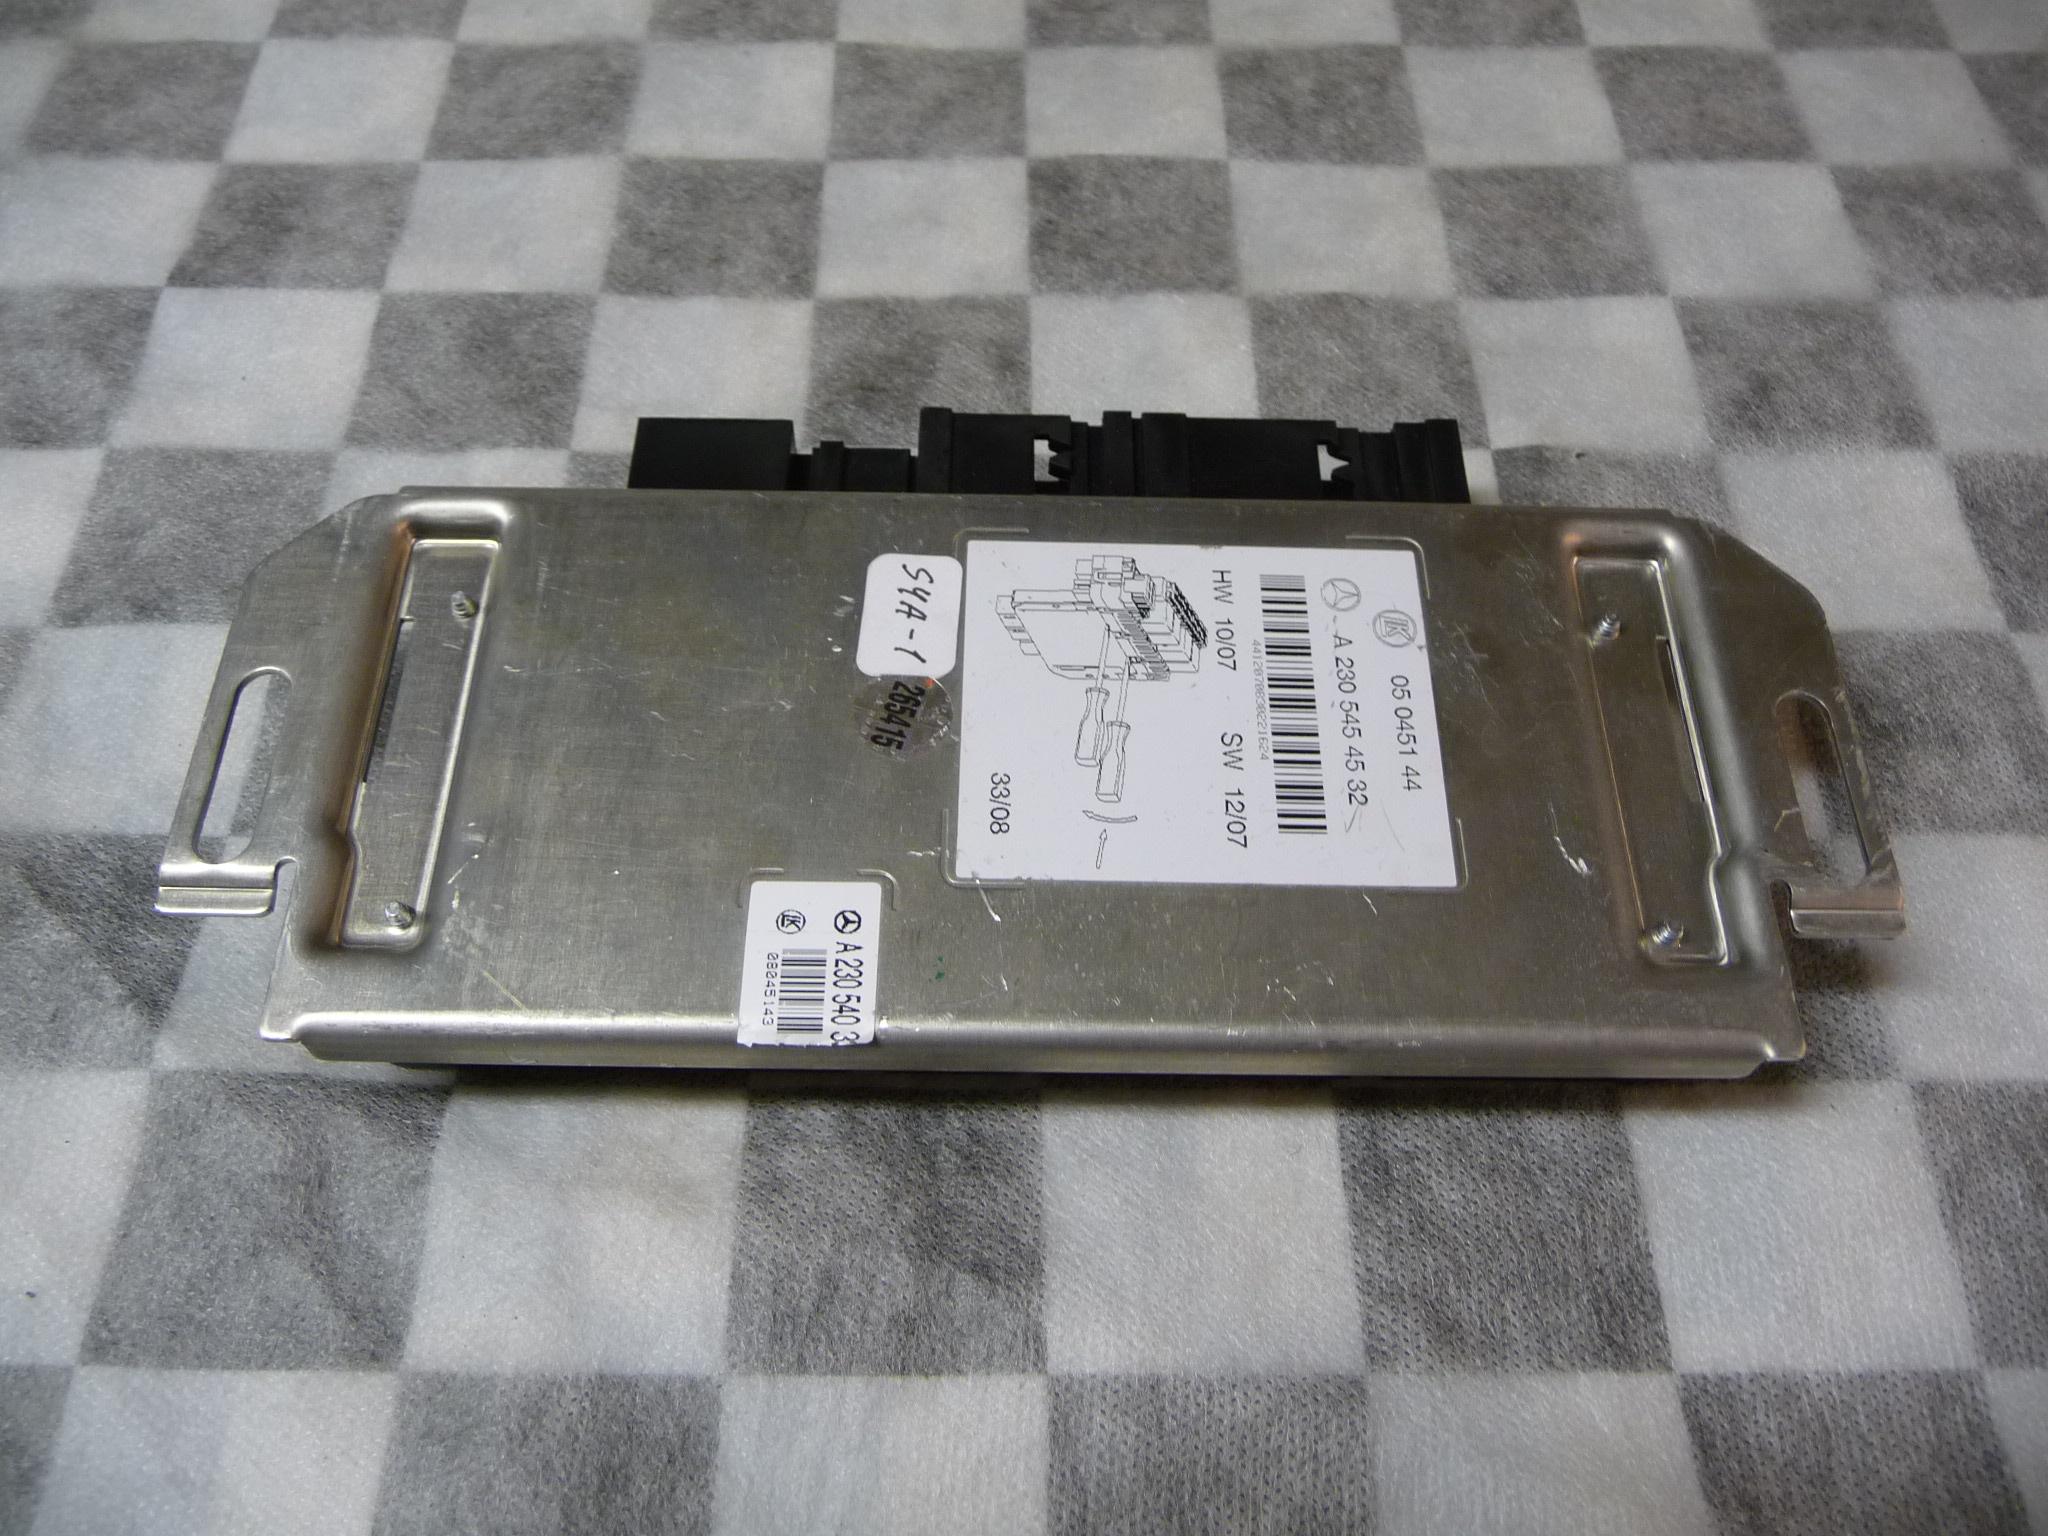 Mercedes Benz R230 Sl Class Stability Control Module A2305454532 Oem S500 2005 W220 Radio Wiring Oe